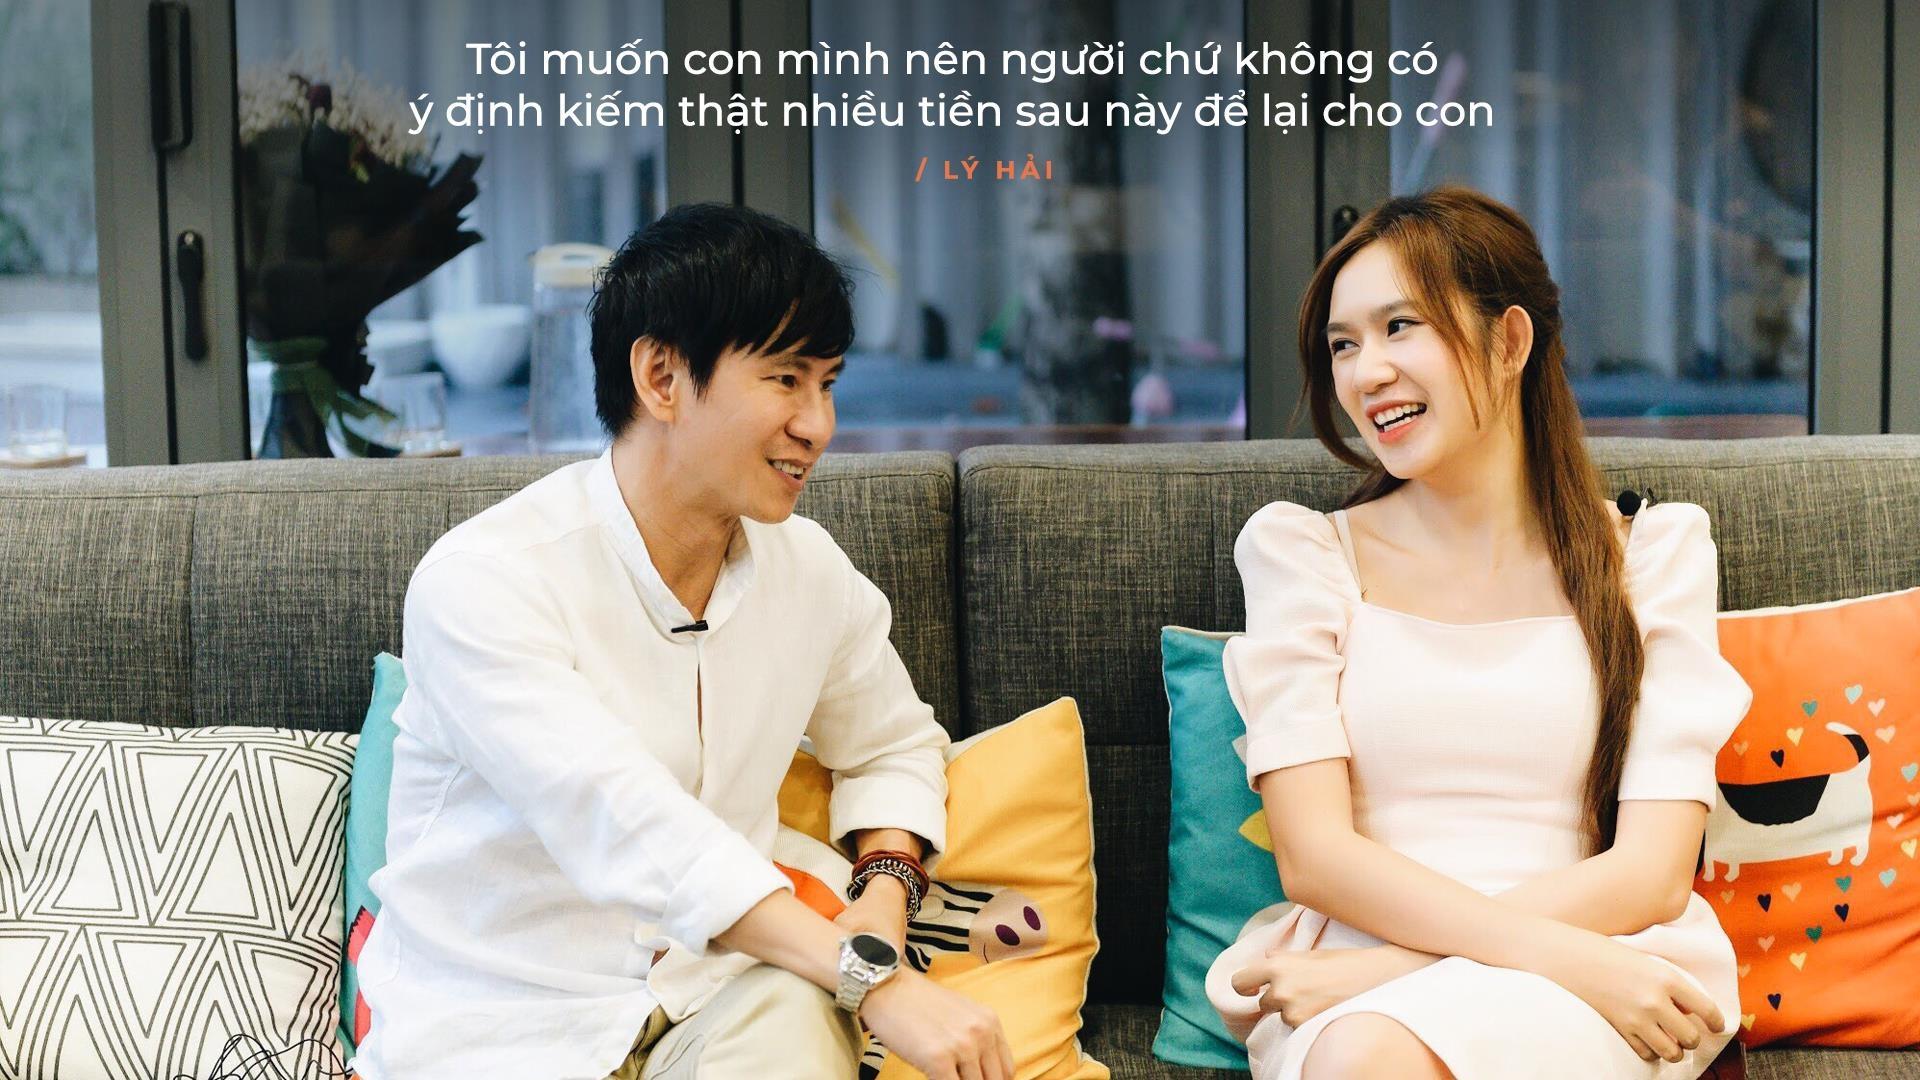 Ly Hai: 'Toi khong phai thanh than, lien tuc co loi voi Minh Ha' hinh anh 12